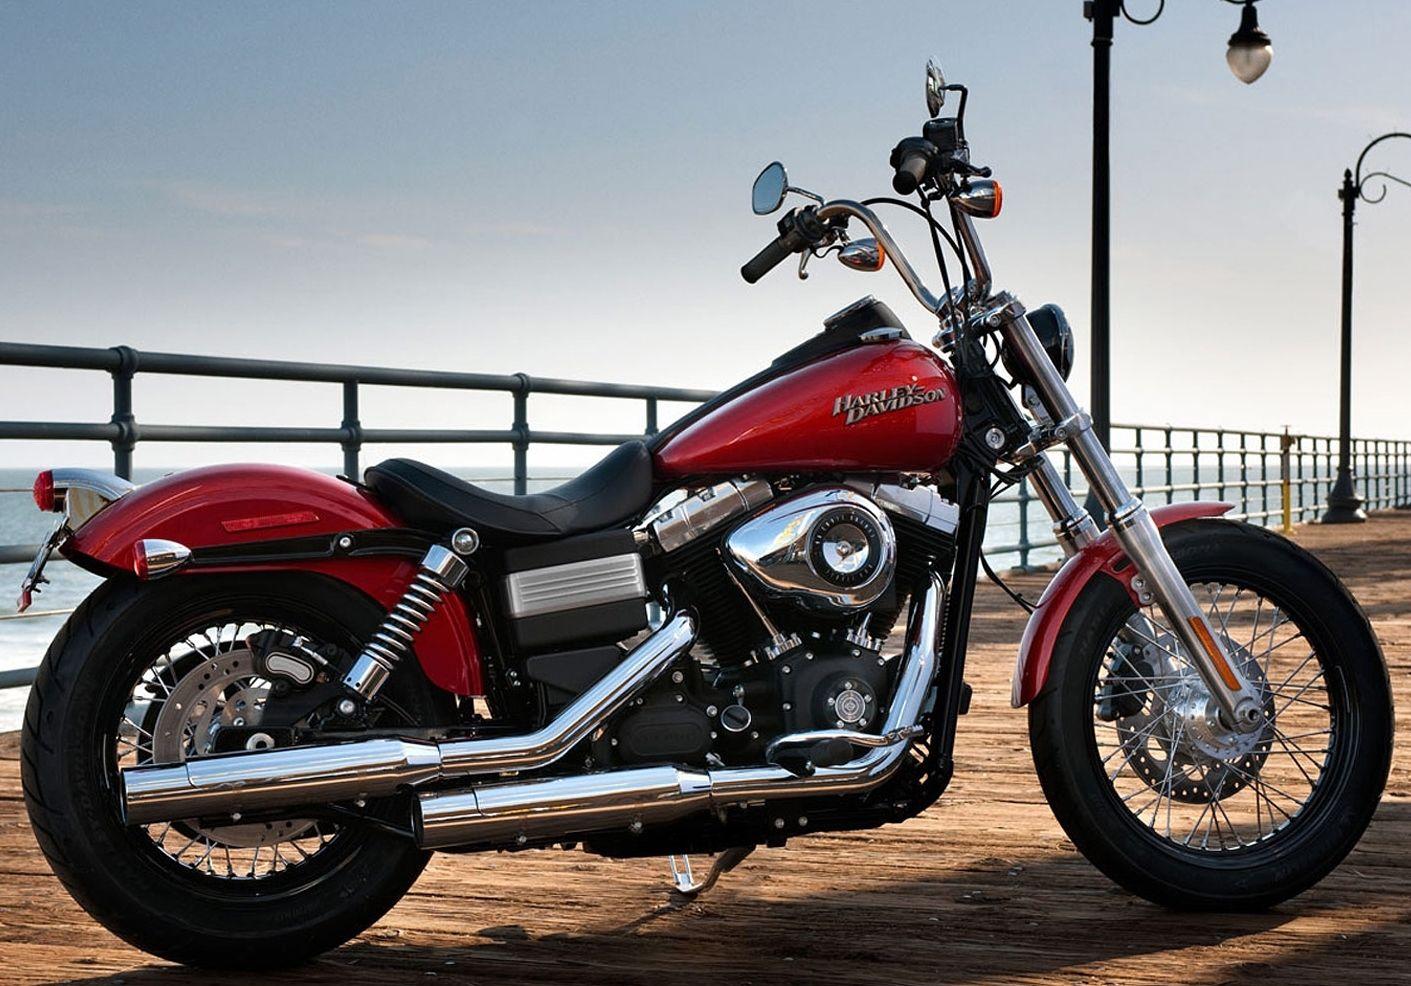 Harley Davidson Dyna Models Workshop Service Repair Manual: Harley Davidson FXD Dyna 2012! PDF Bike Service/Shop